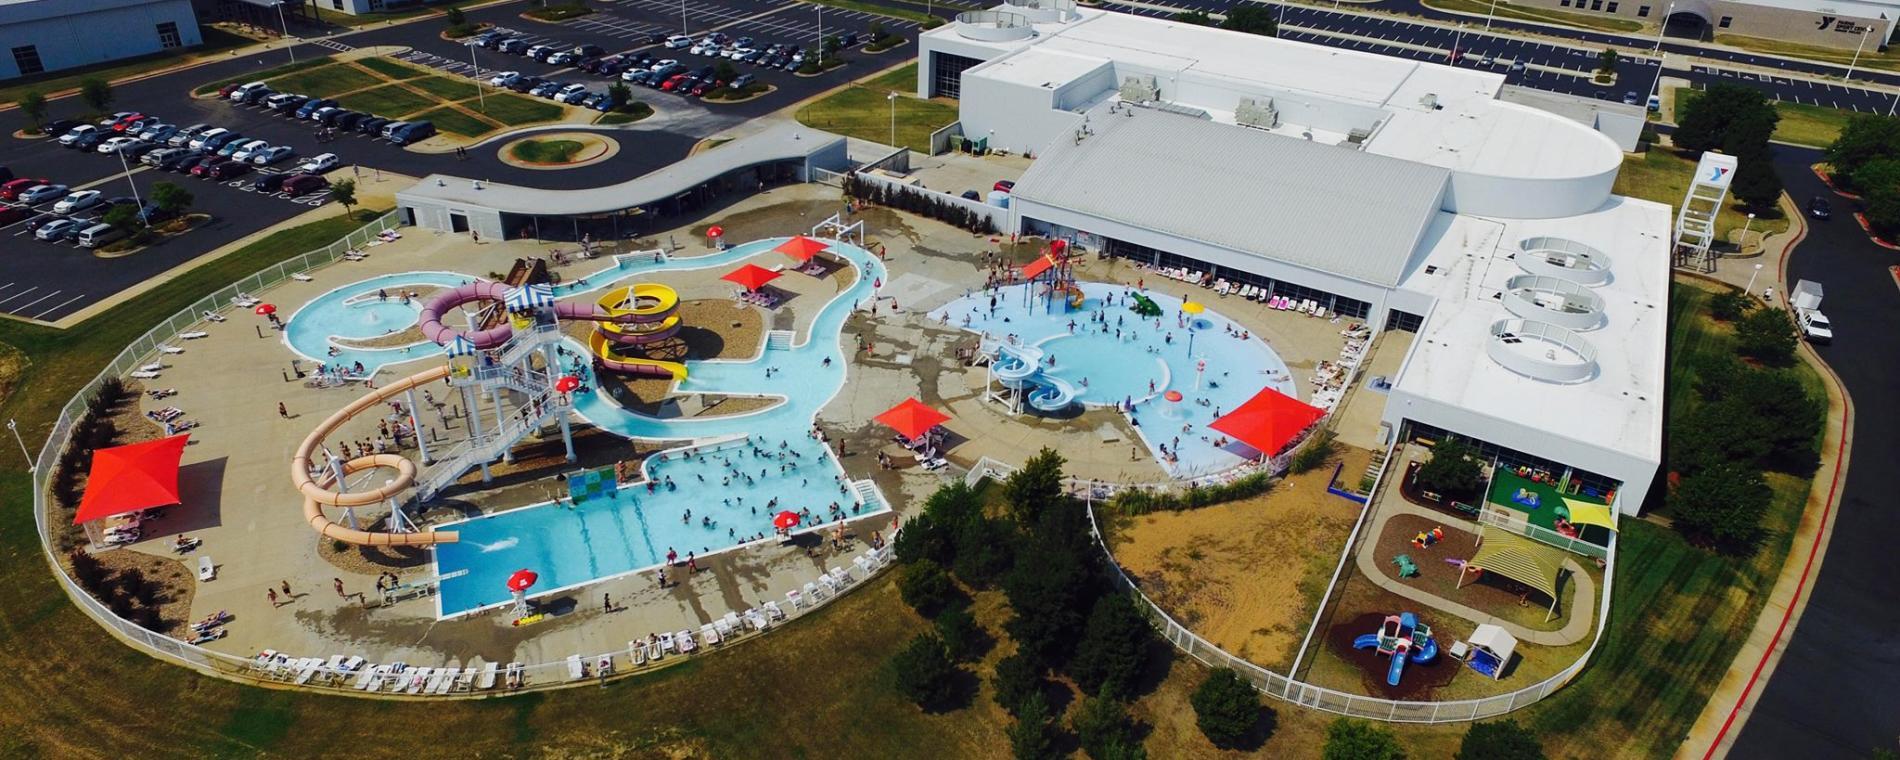 Watepark Aerial South YMCA